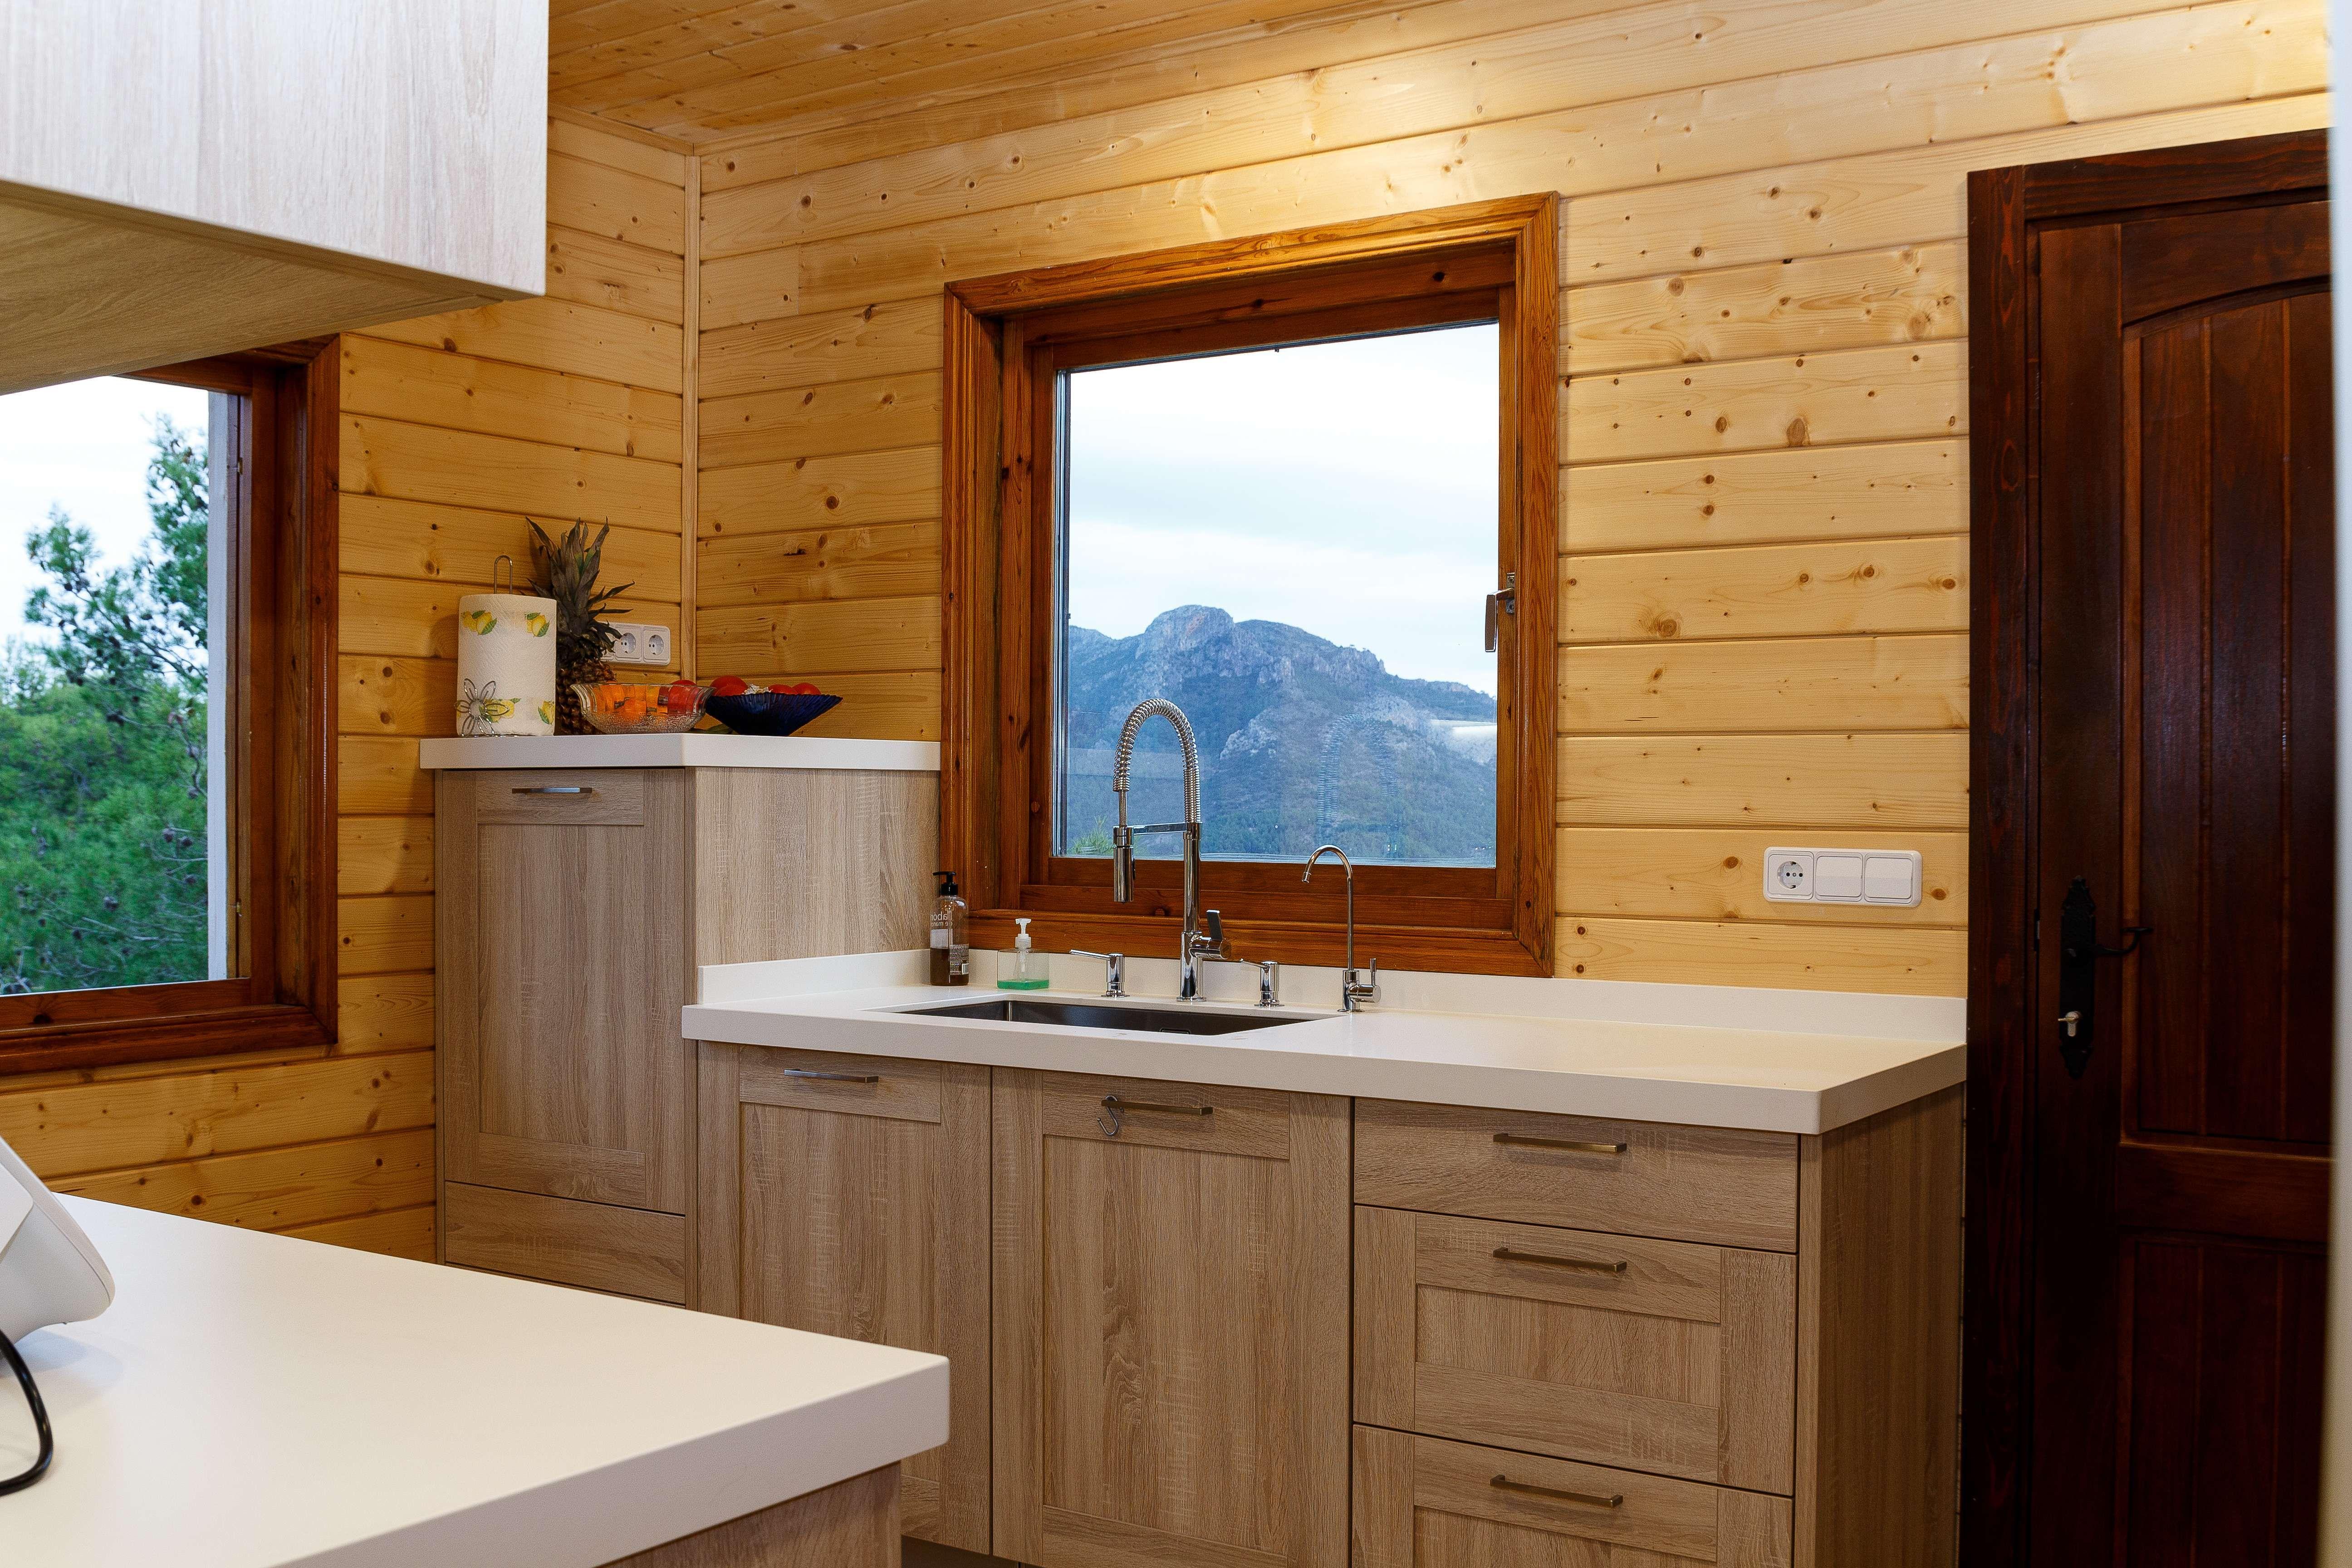 Cocina totalmente equipada de casa madera